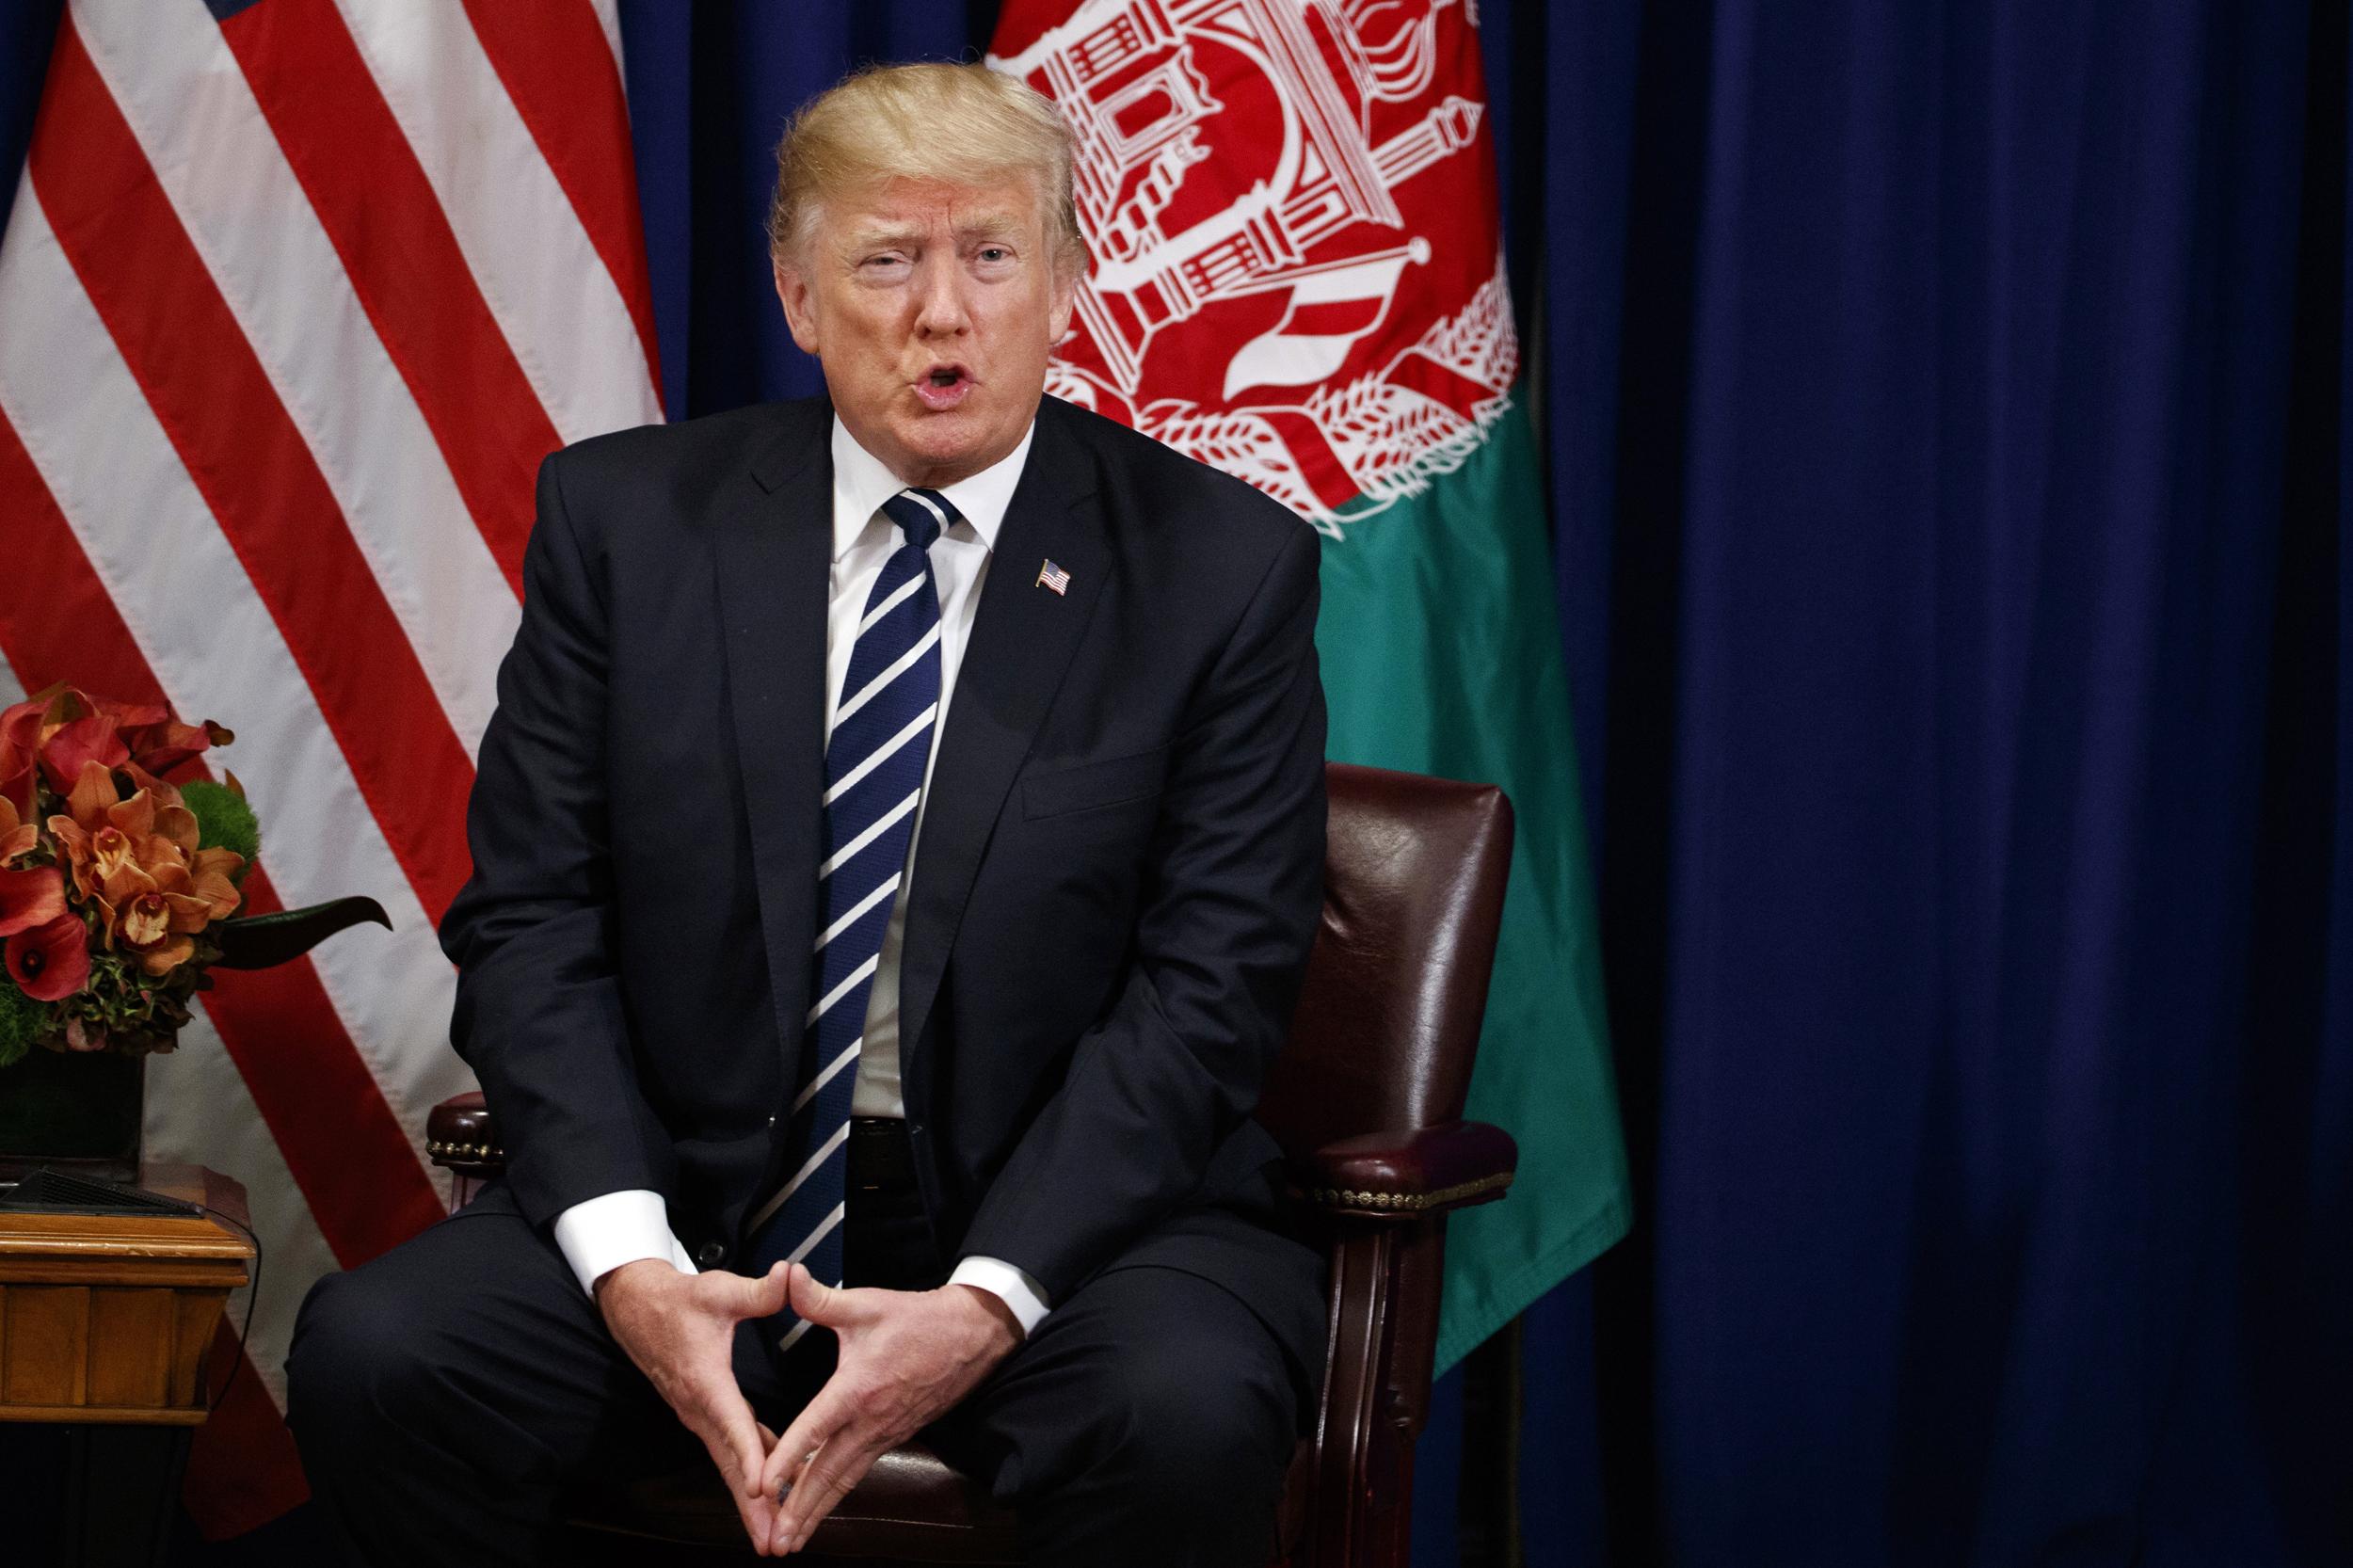 Trump Sanctions N. Korea, Seeks 'Complete Denuclearization'